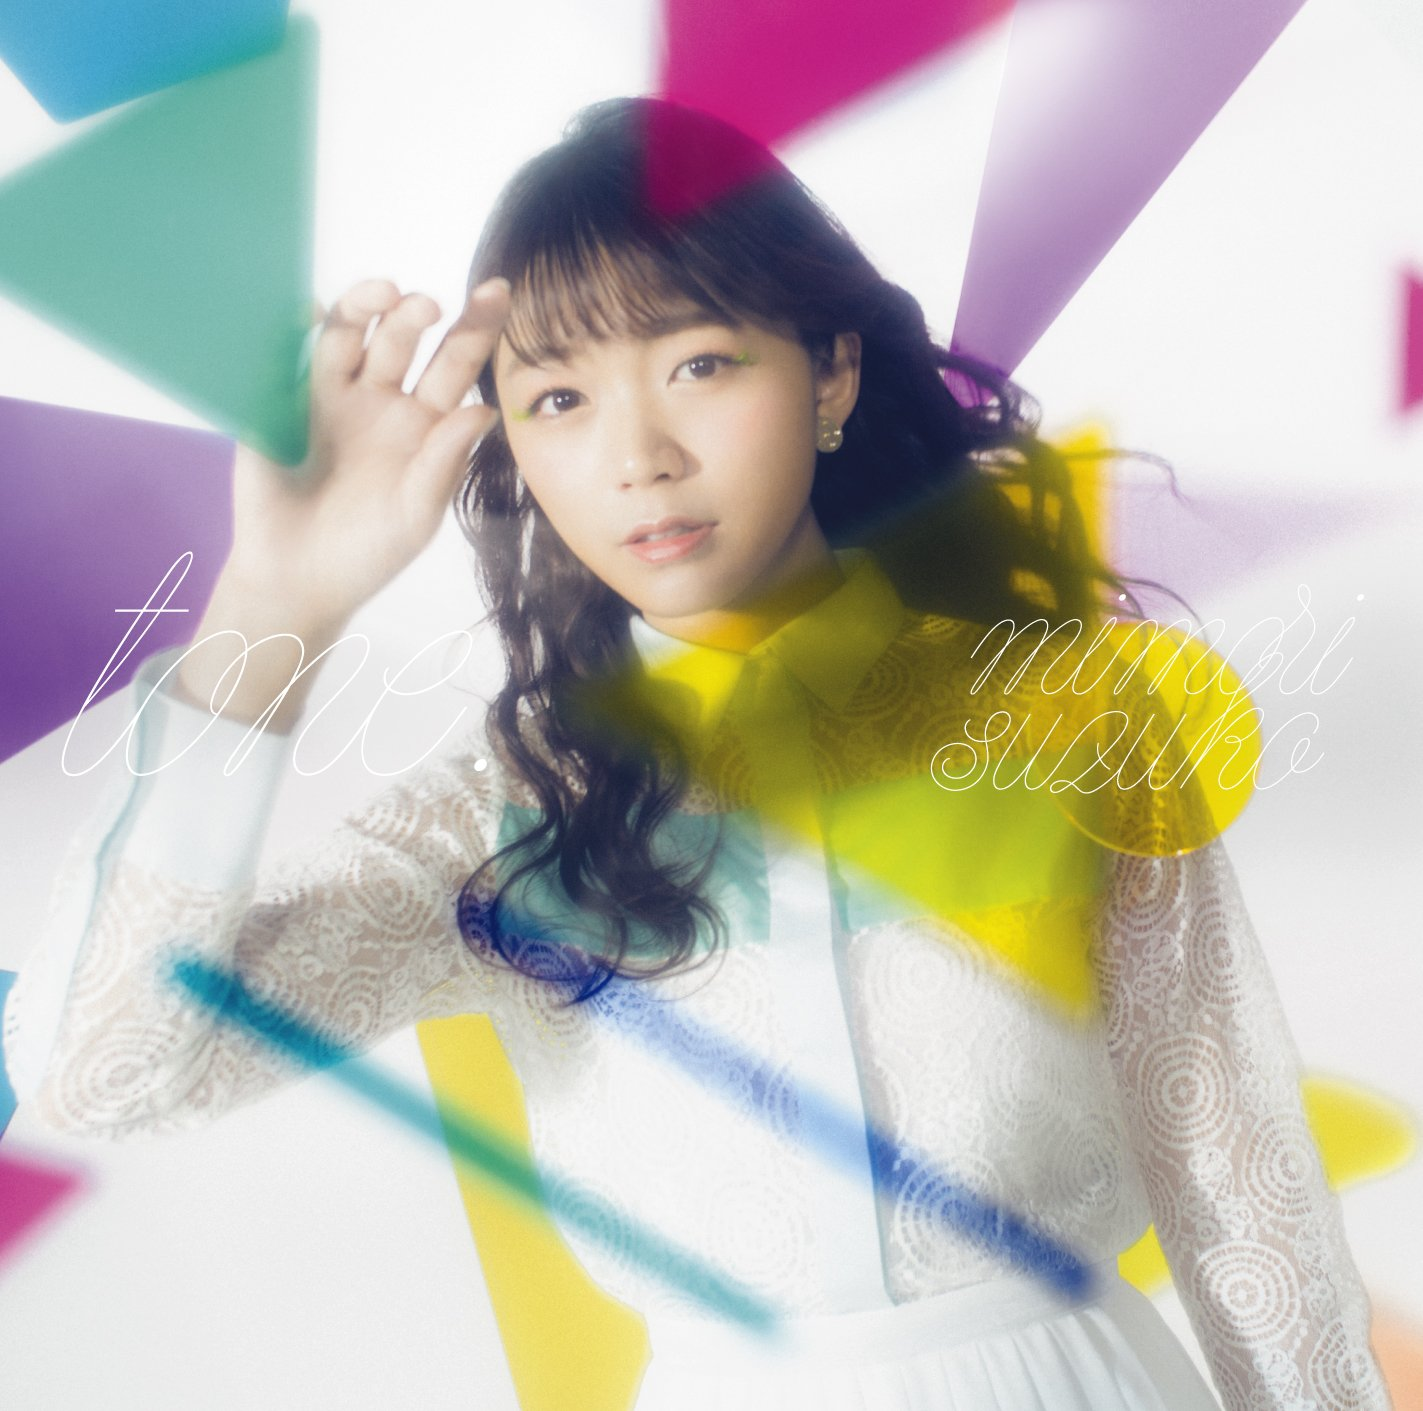 三森すずこ4thアルバム tone.【BD付限定盤】